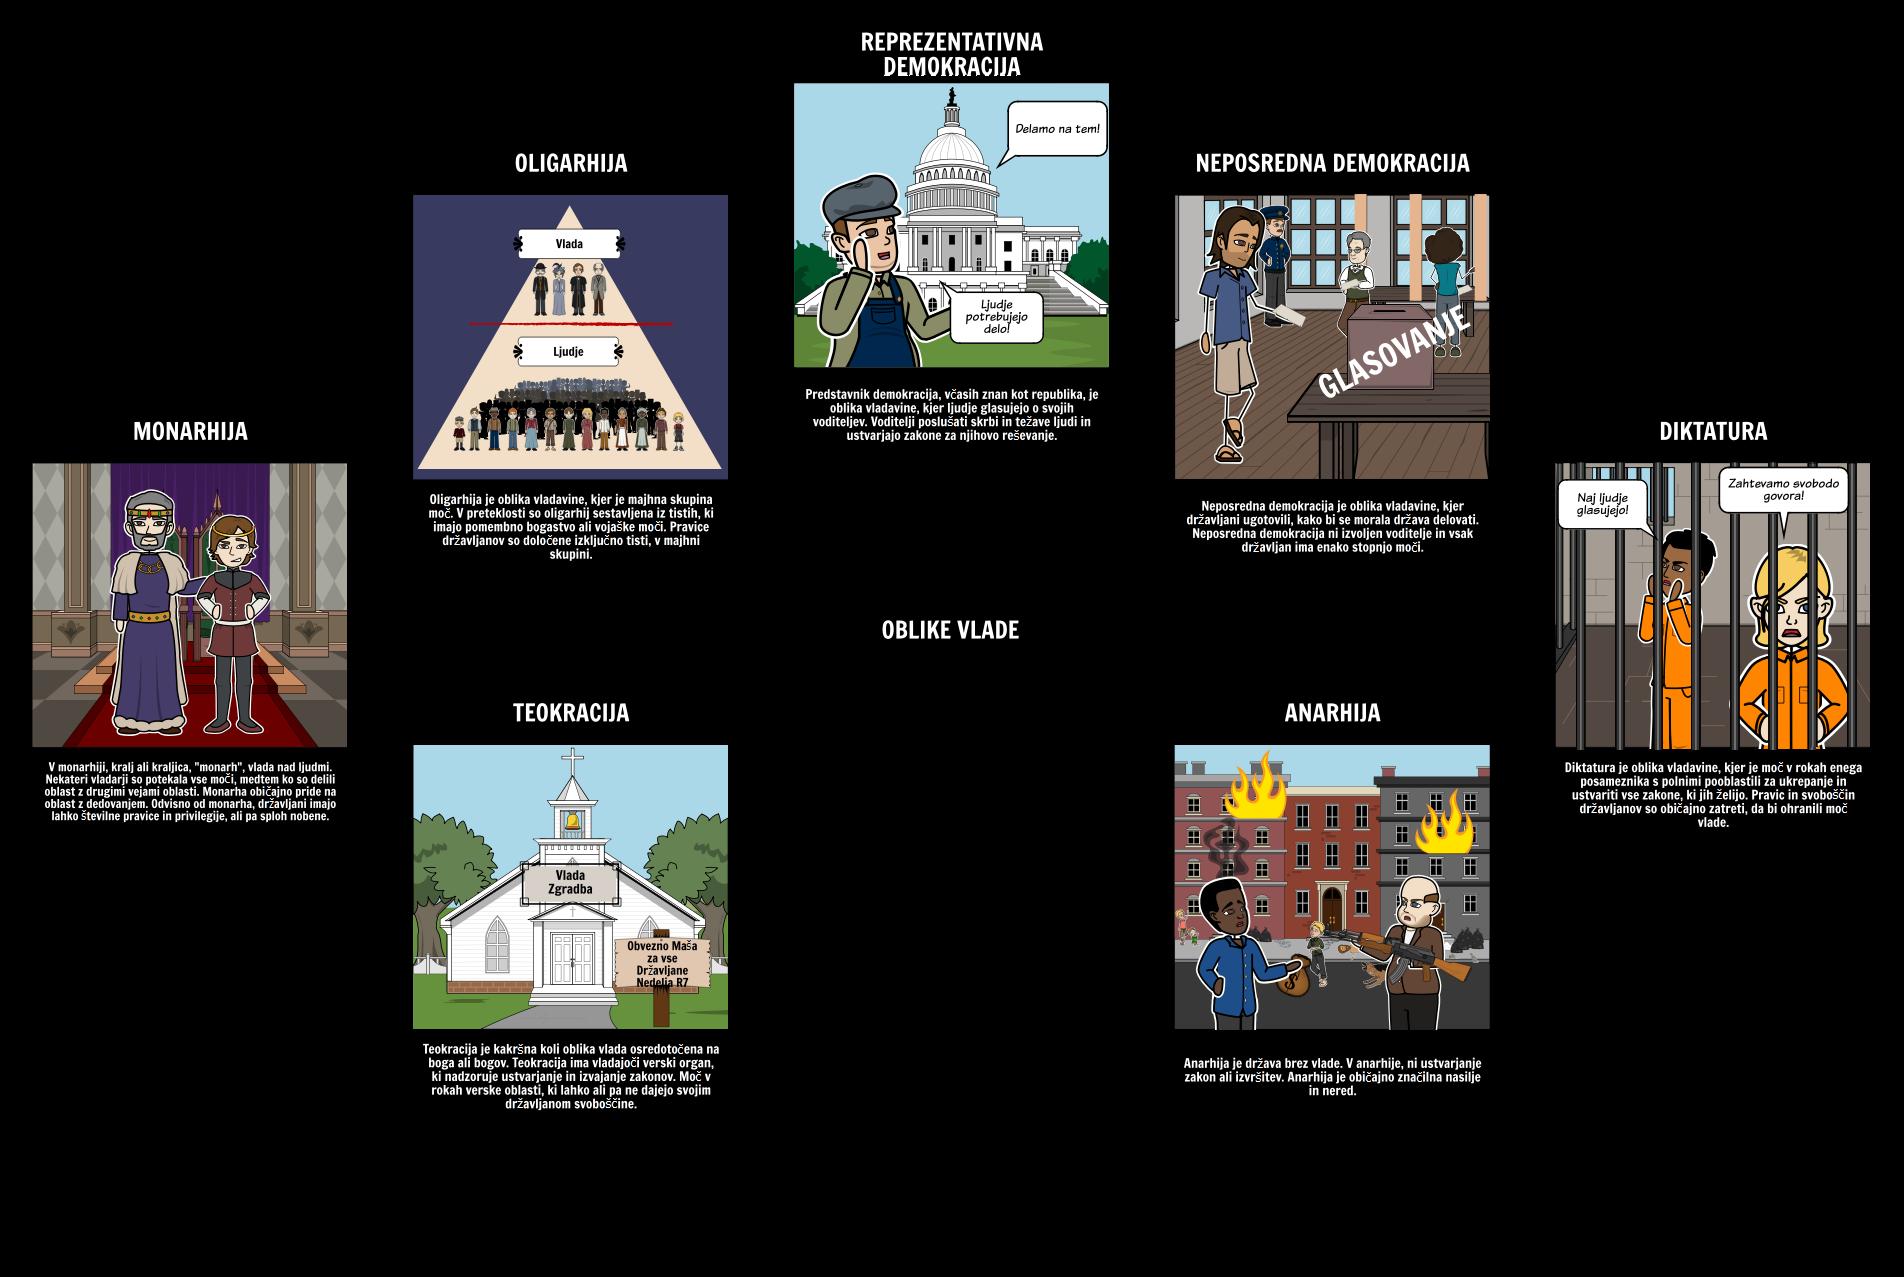 Uvod v Vladi - Oblike Vlade